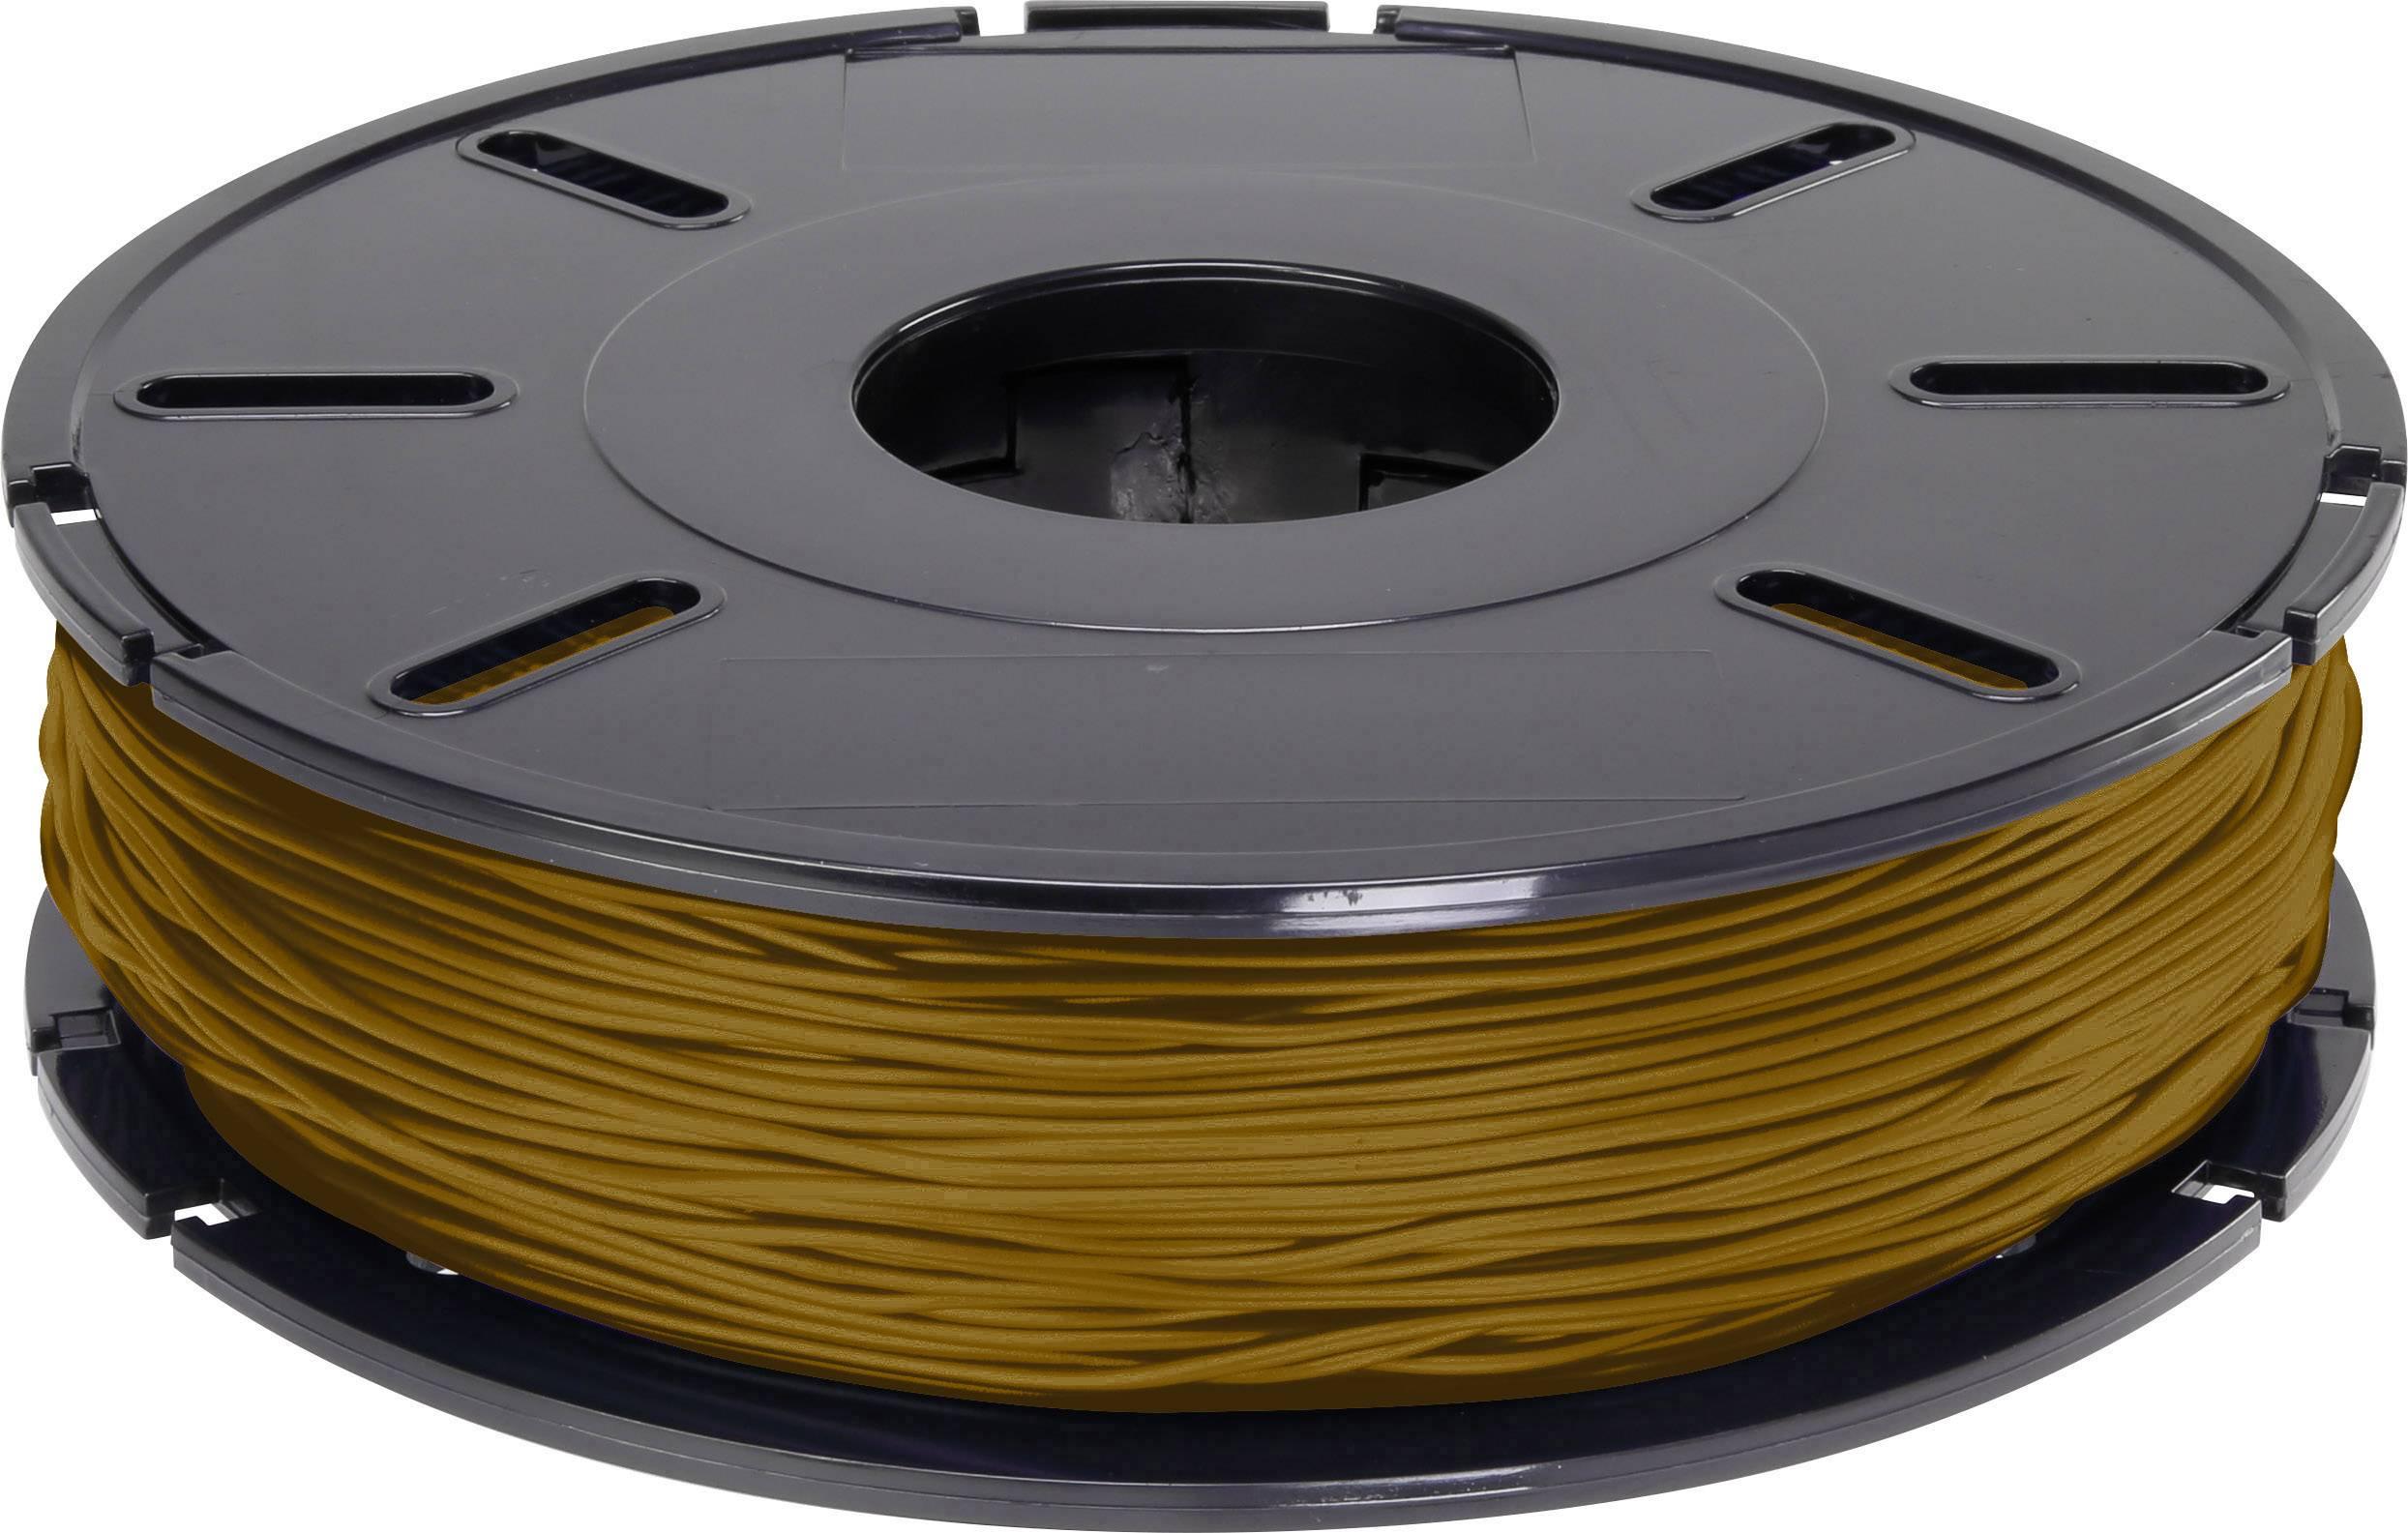 Vlákno pro 3D tiskárny Renkforce 01.04.10.5202, kompozit PLA, 2.85 mm, 500 g, dřevo